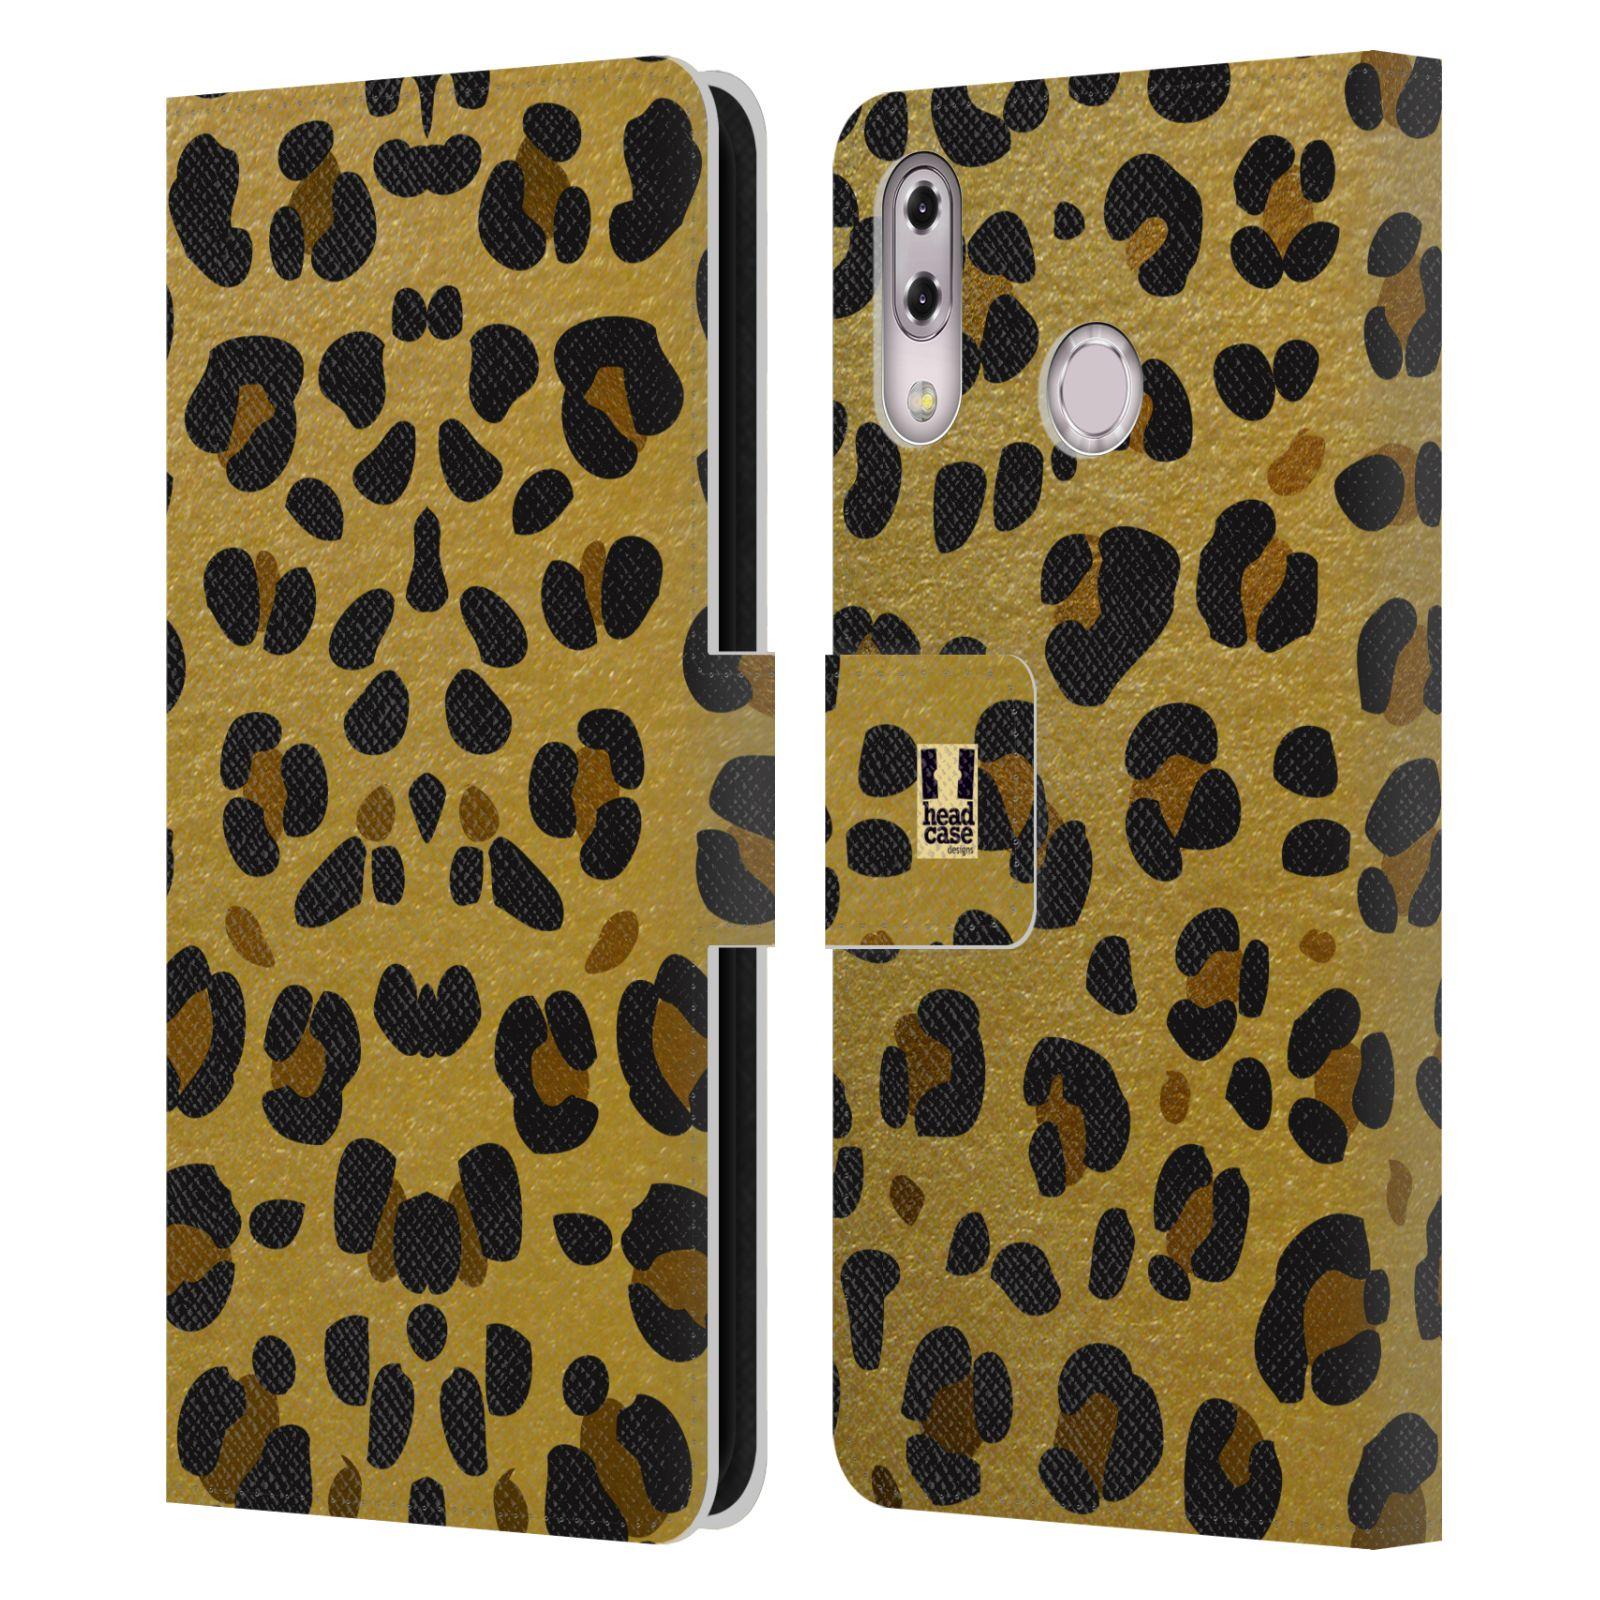 Pouzdro na mobil Asus Zenfone 5z ZS620KL / 5 ZE620KL - Head Case - Fashion zvířecí vzor